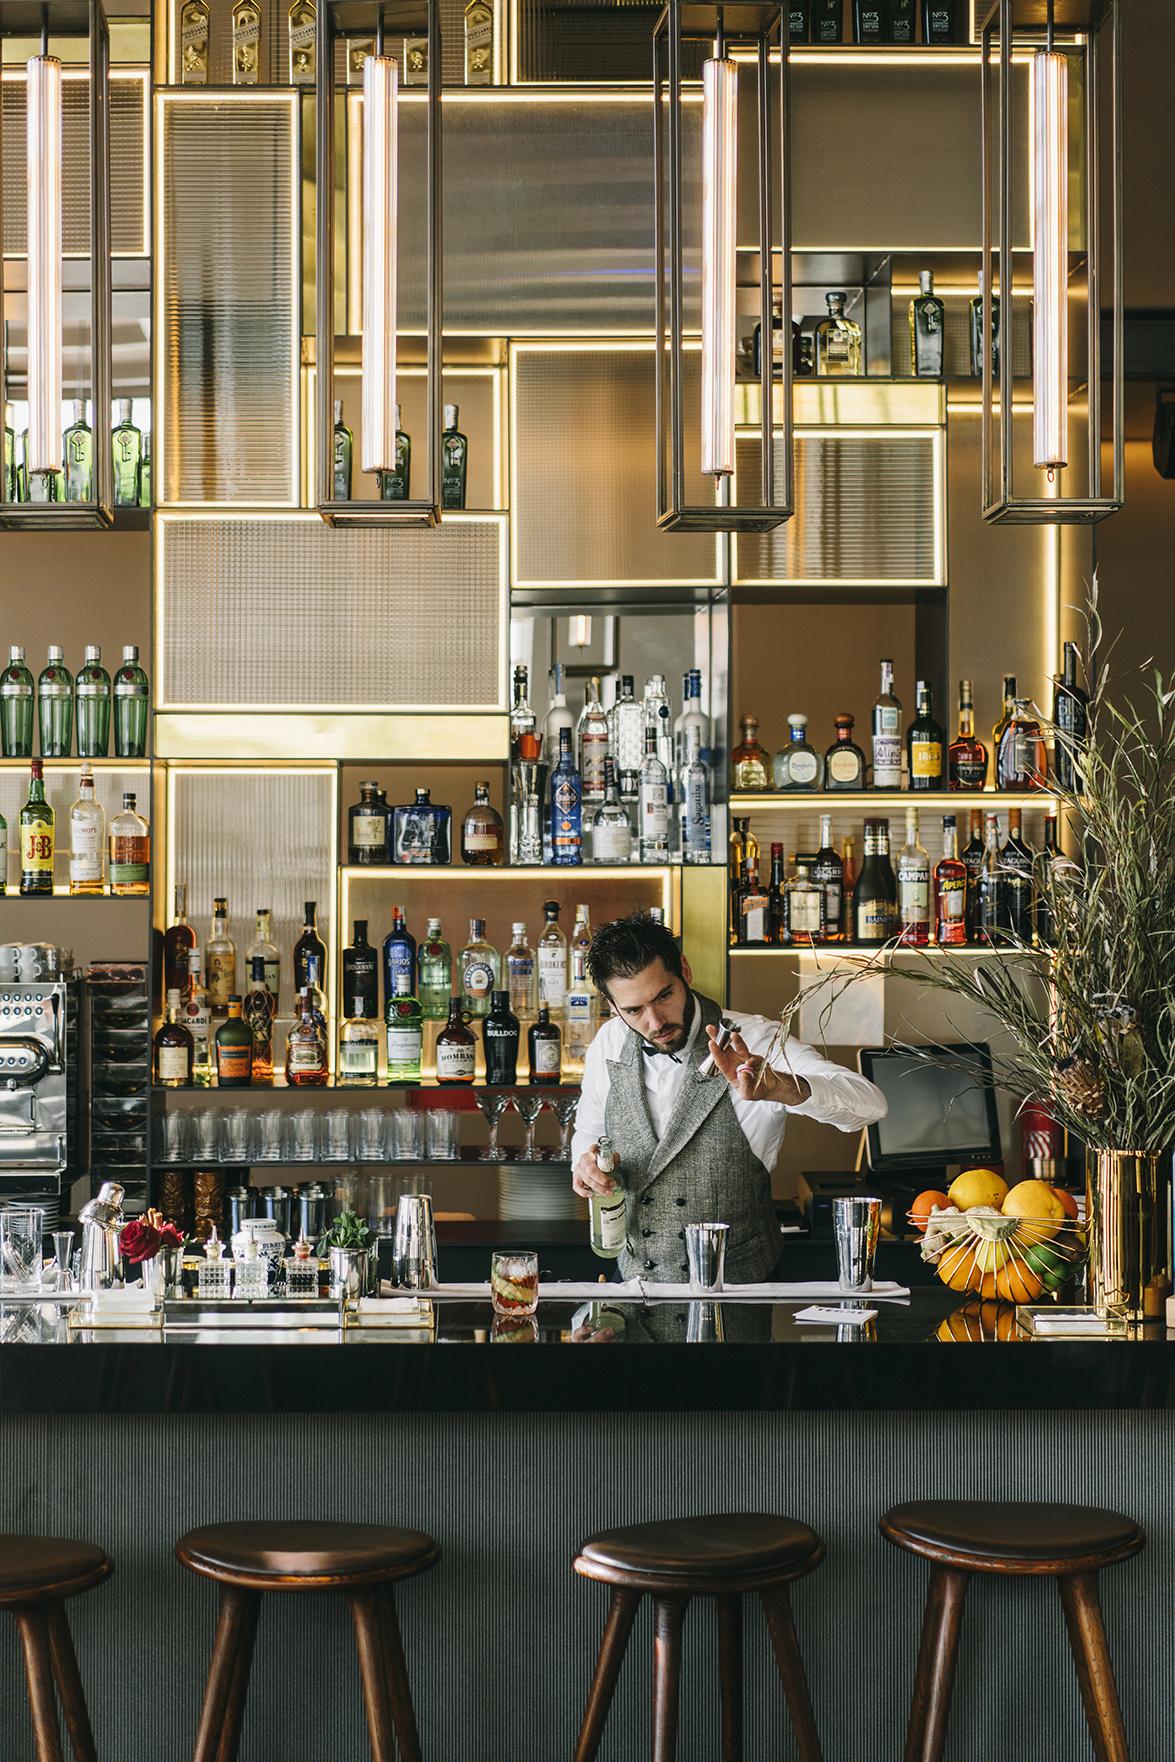 restaurante_terre_grupo_murri_tarruella_trenchs_studio__foto_salva_lopez_8